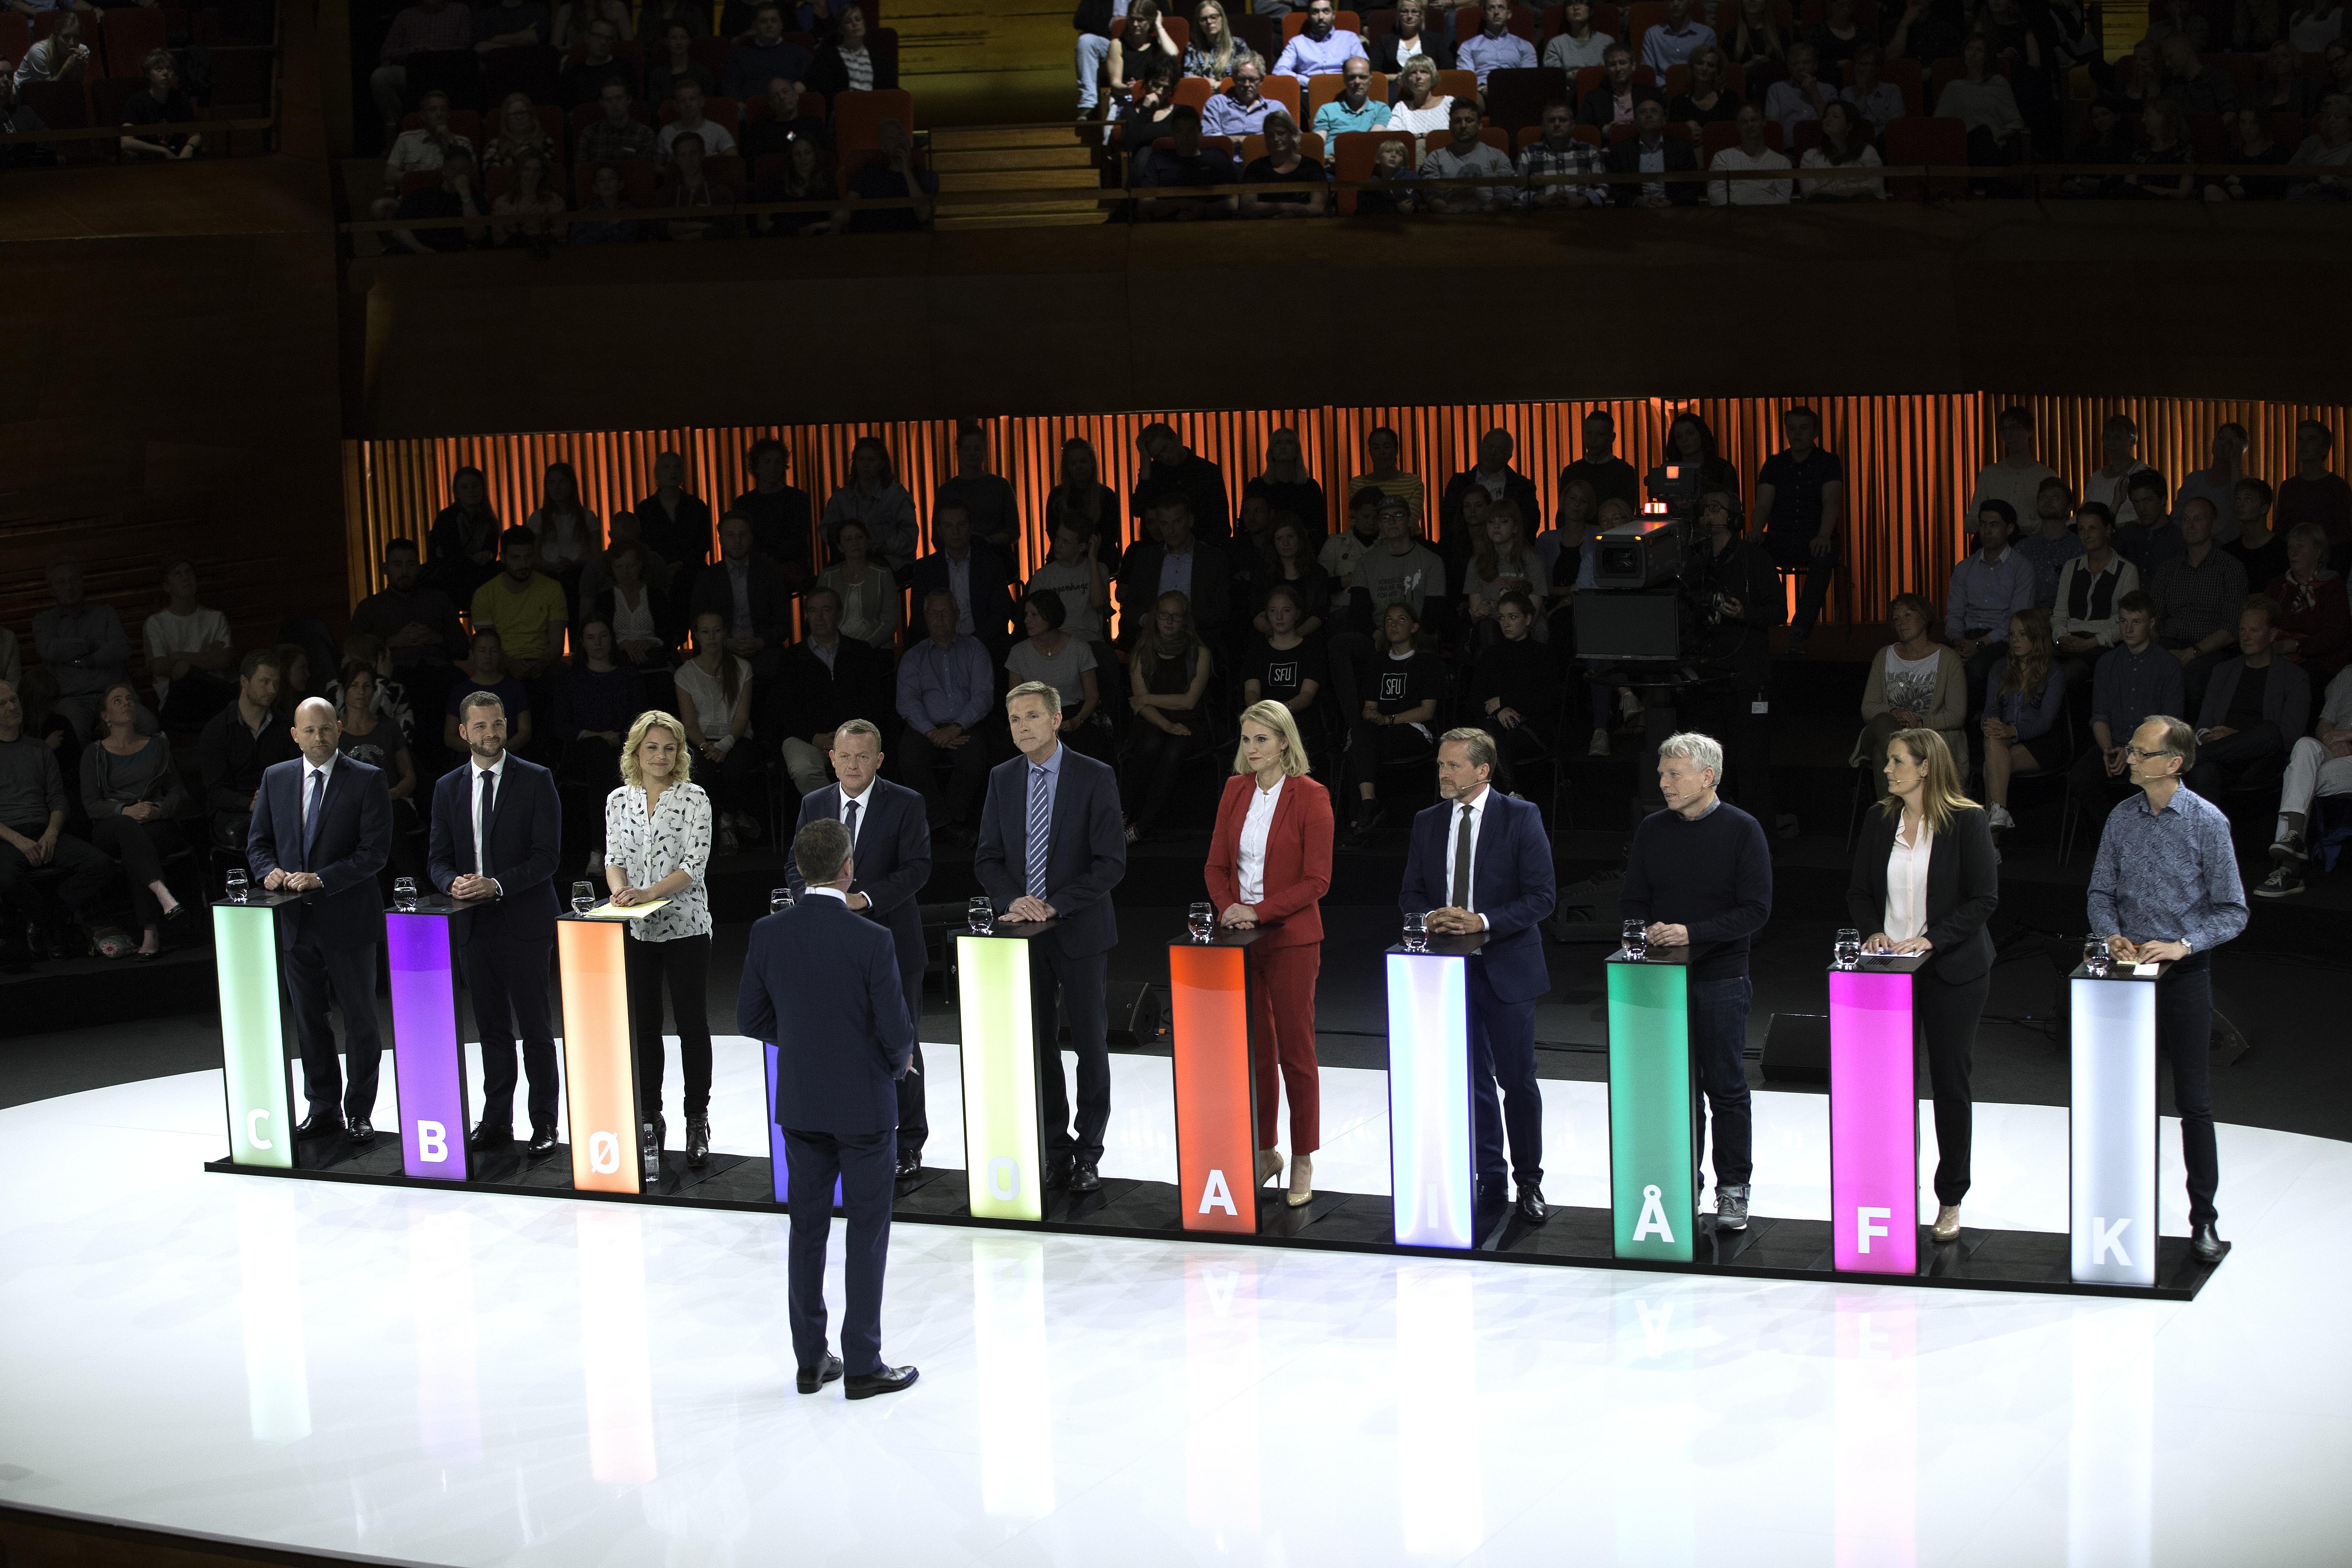 VALG 2015: Demokratiets aften